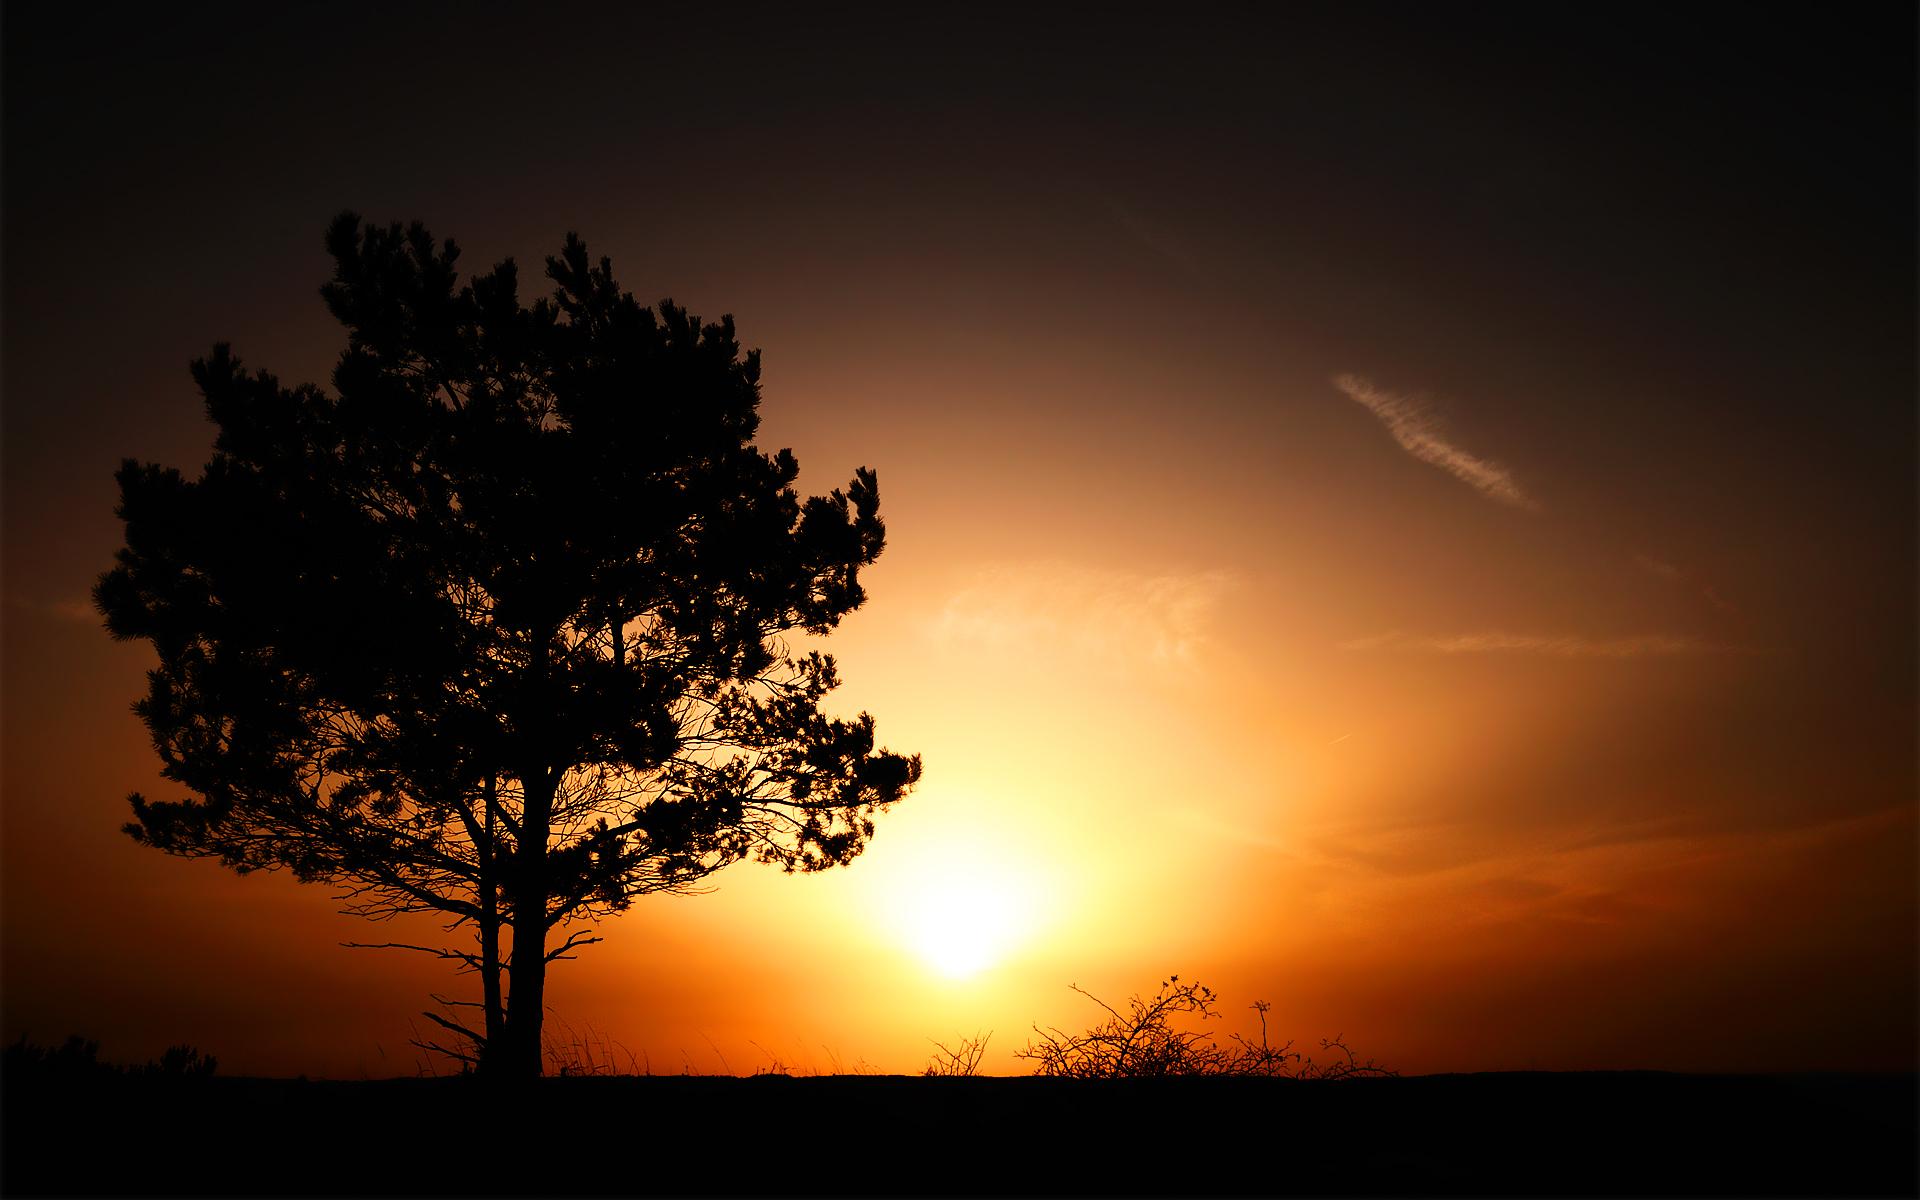 природа закат солнце деревья загрузить